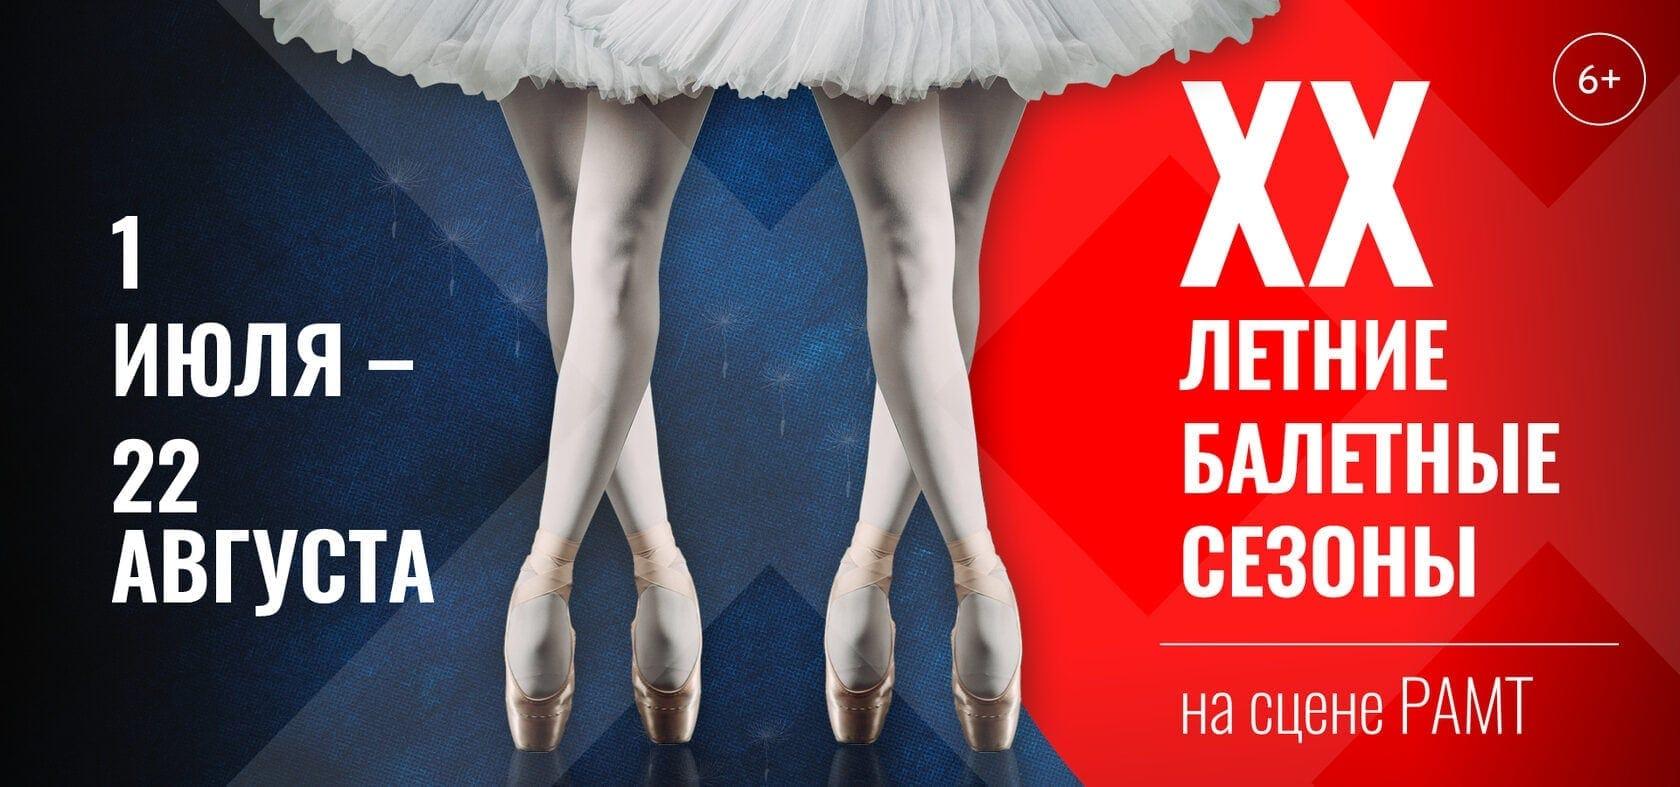 В Москве начинаются Летние балетные сезоны